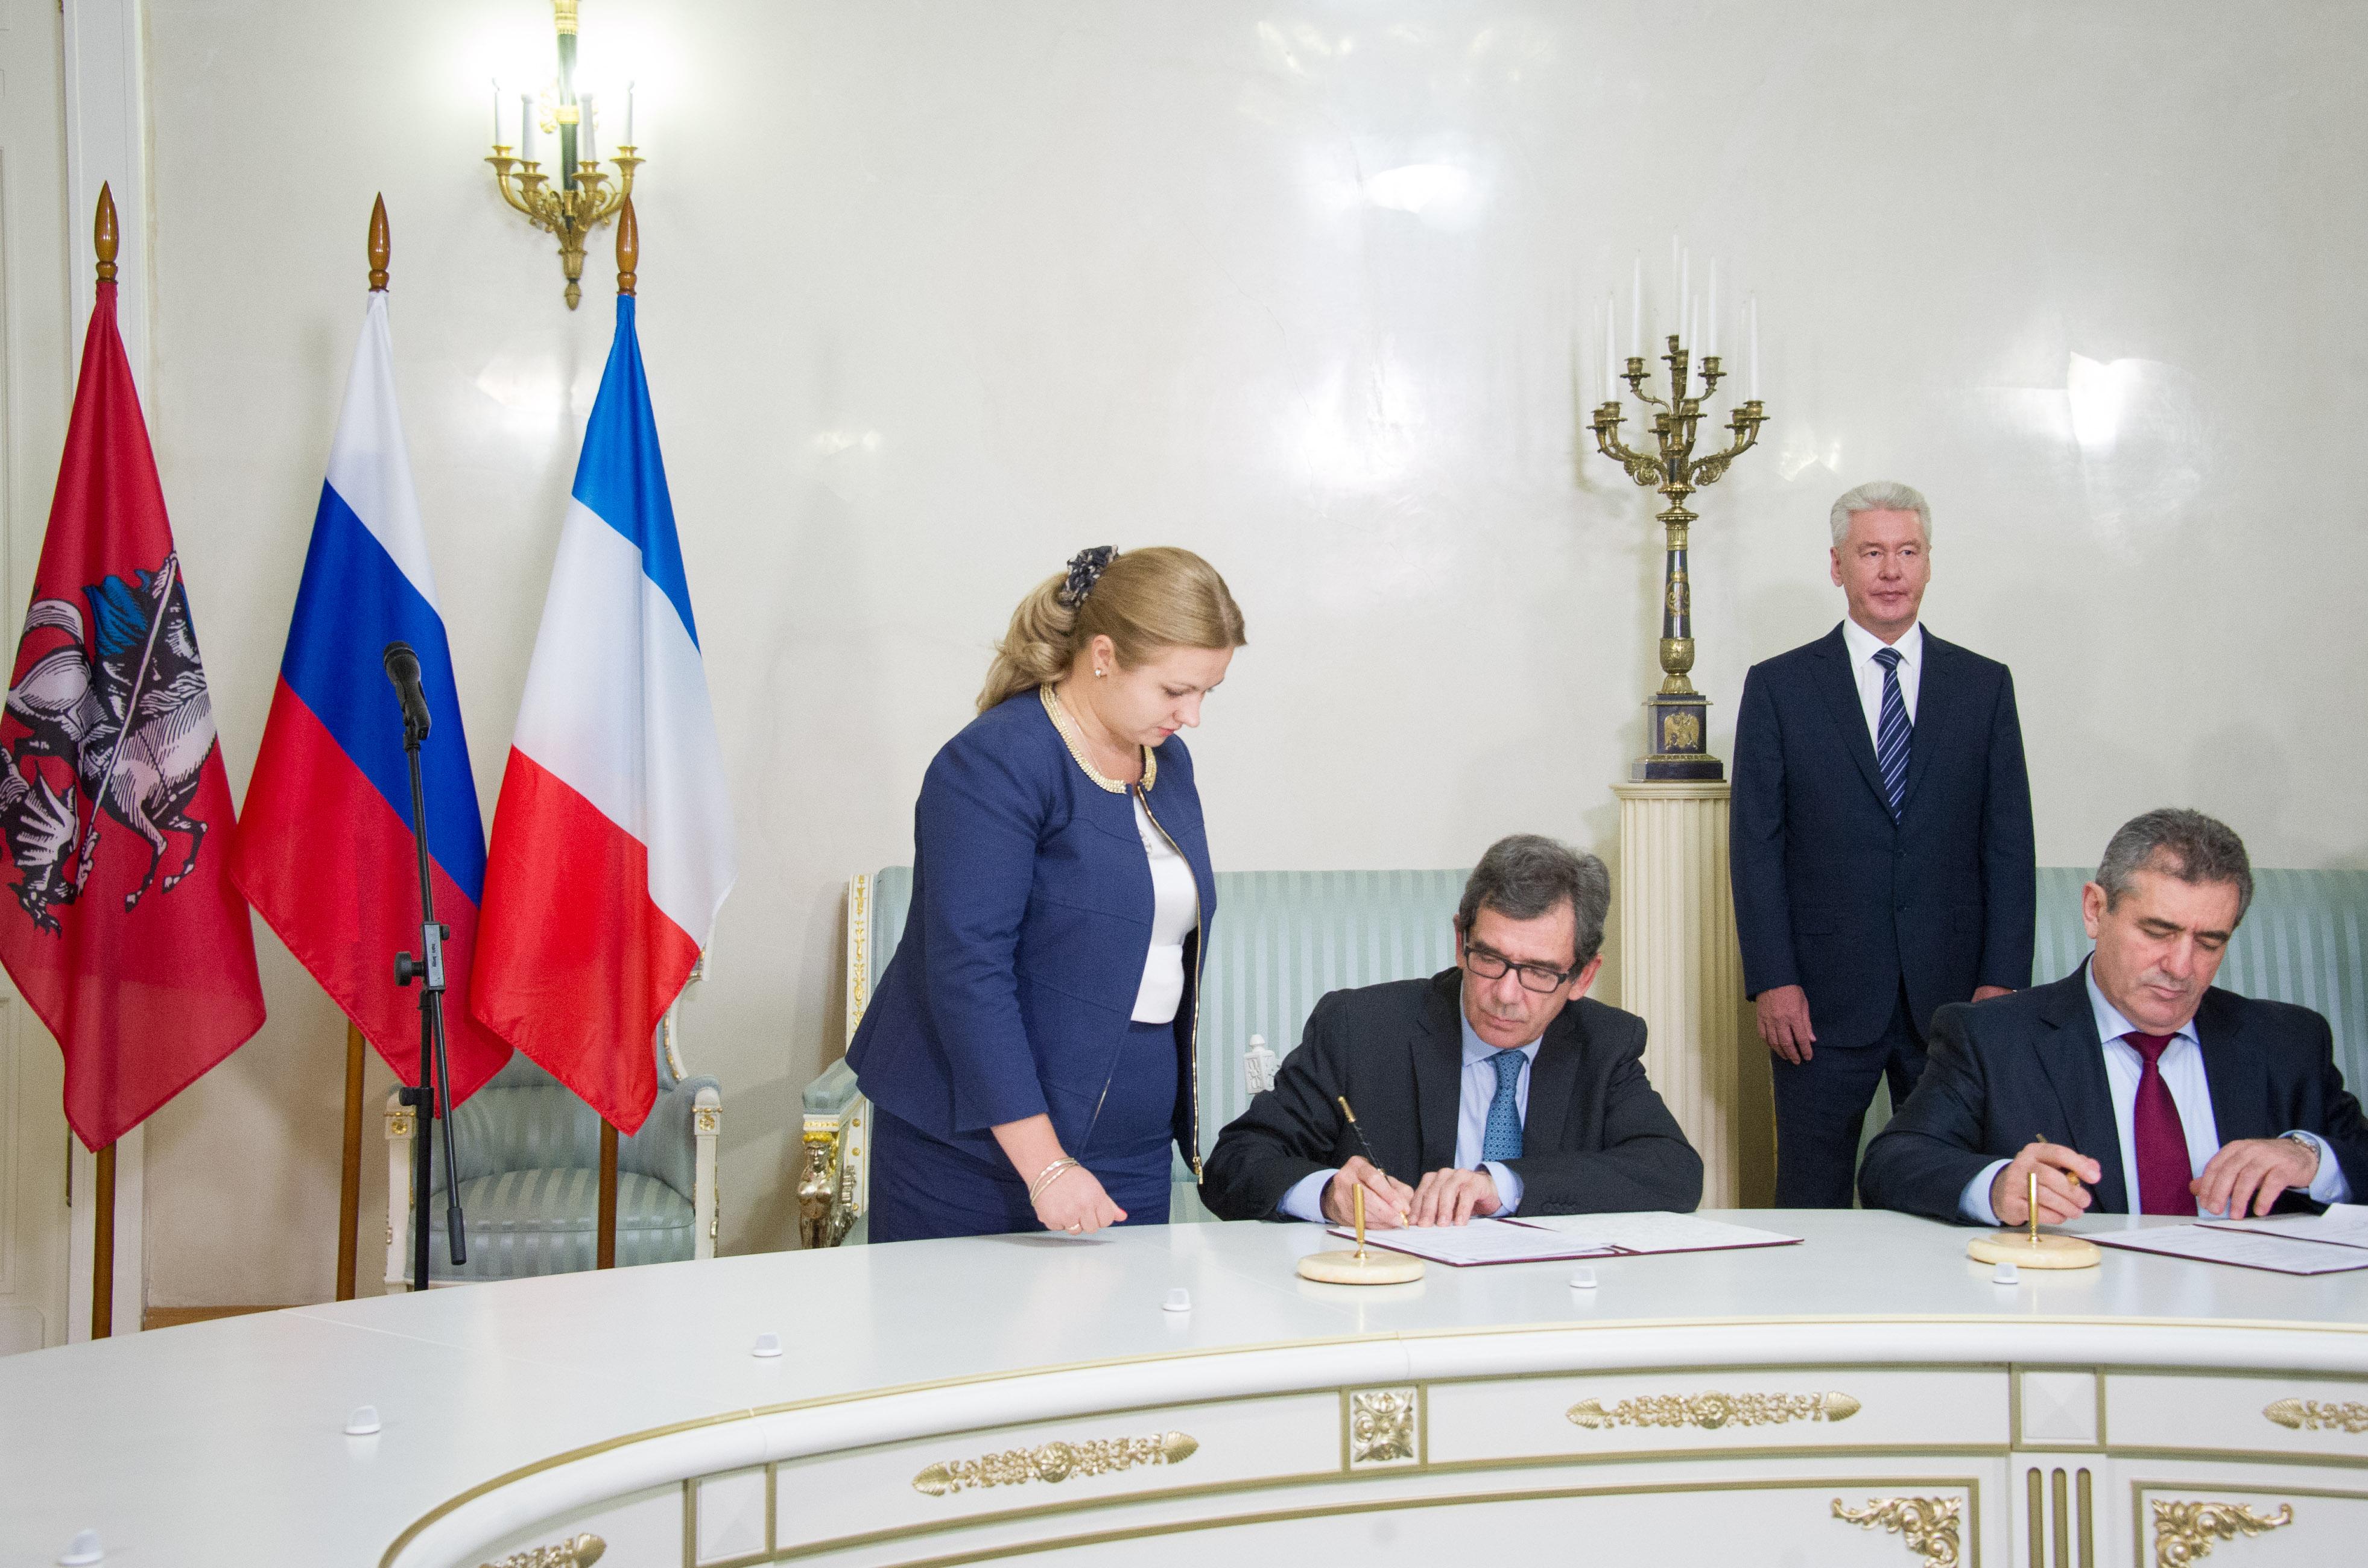 Подписание соглашения между правительством Москвы и посольством Франции в России